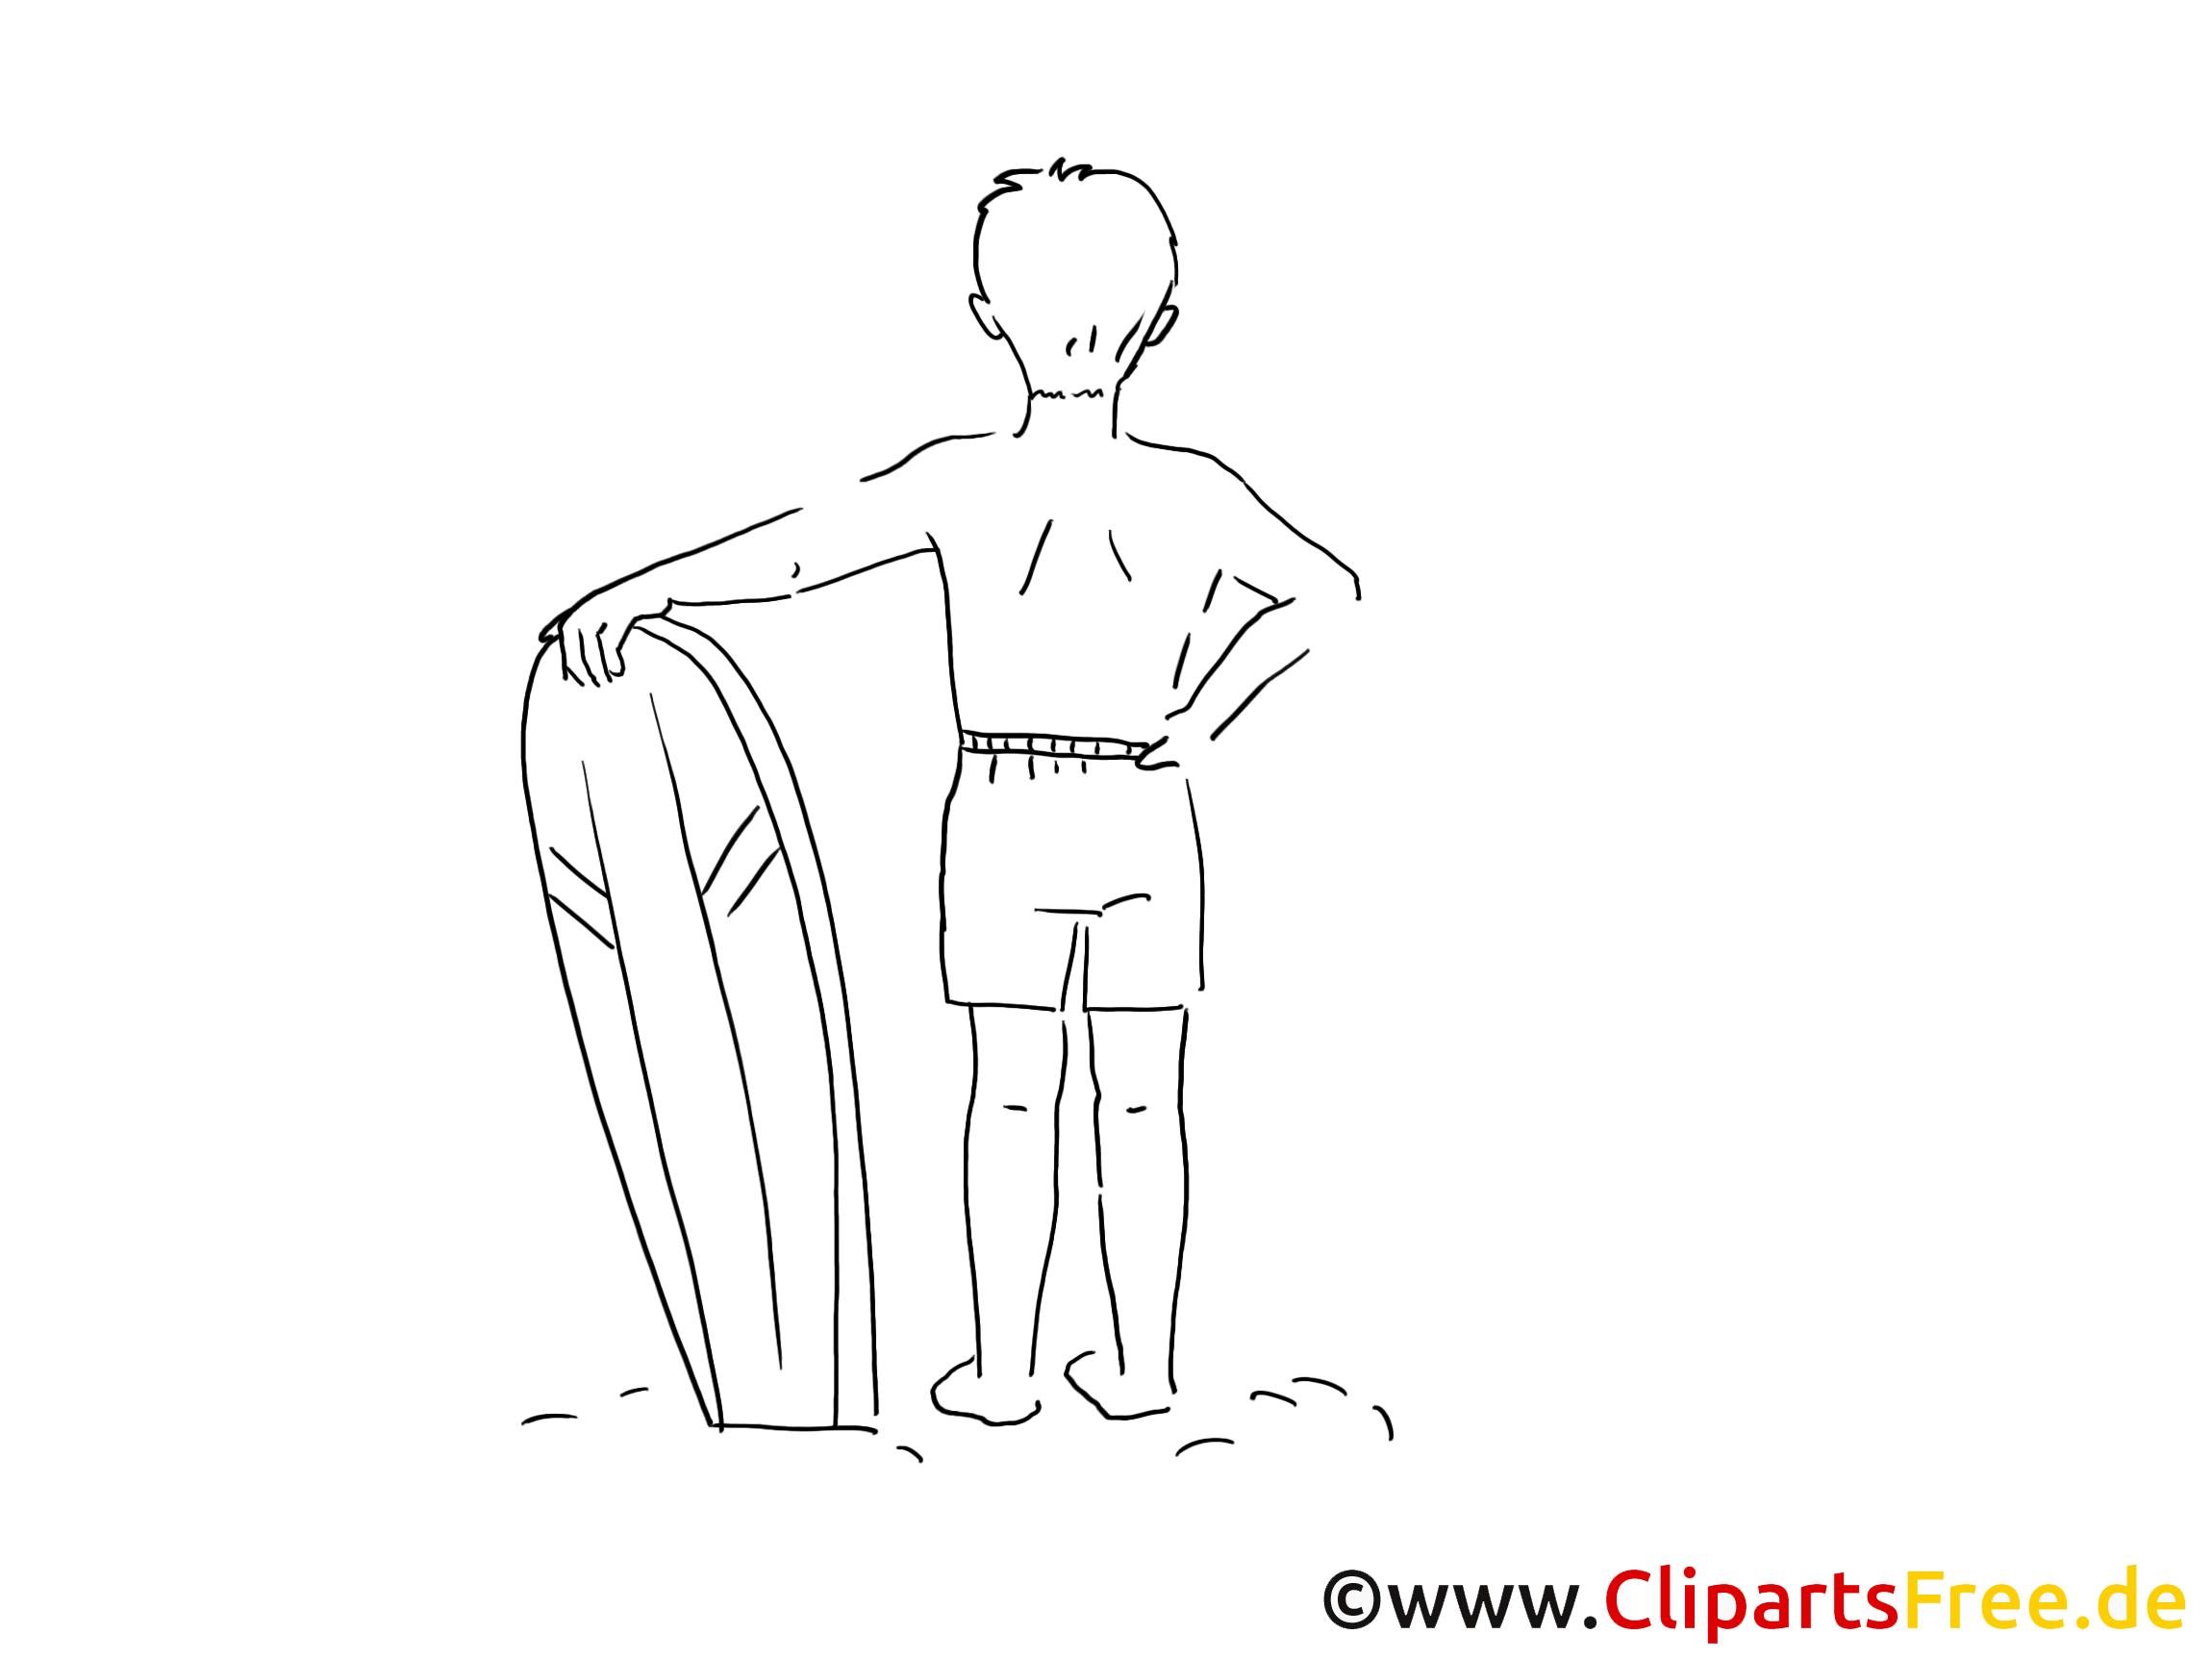 Surfeur images à imprimer – Loisir clipart